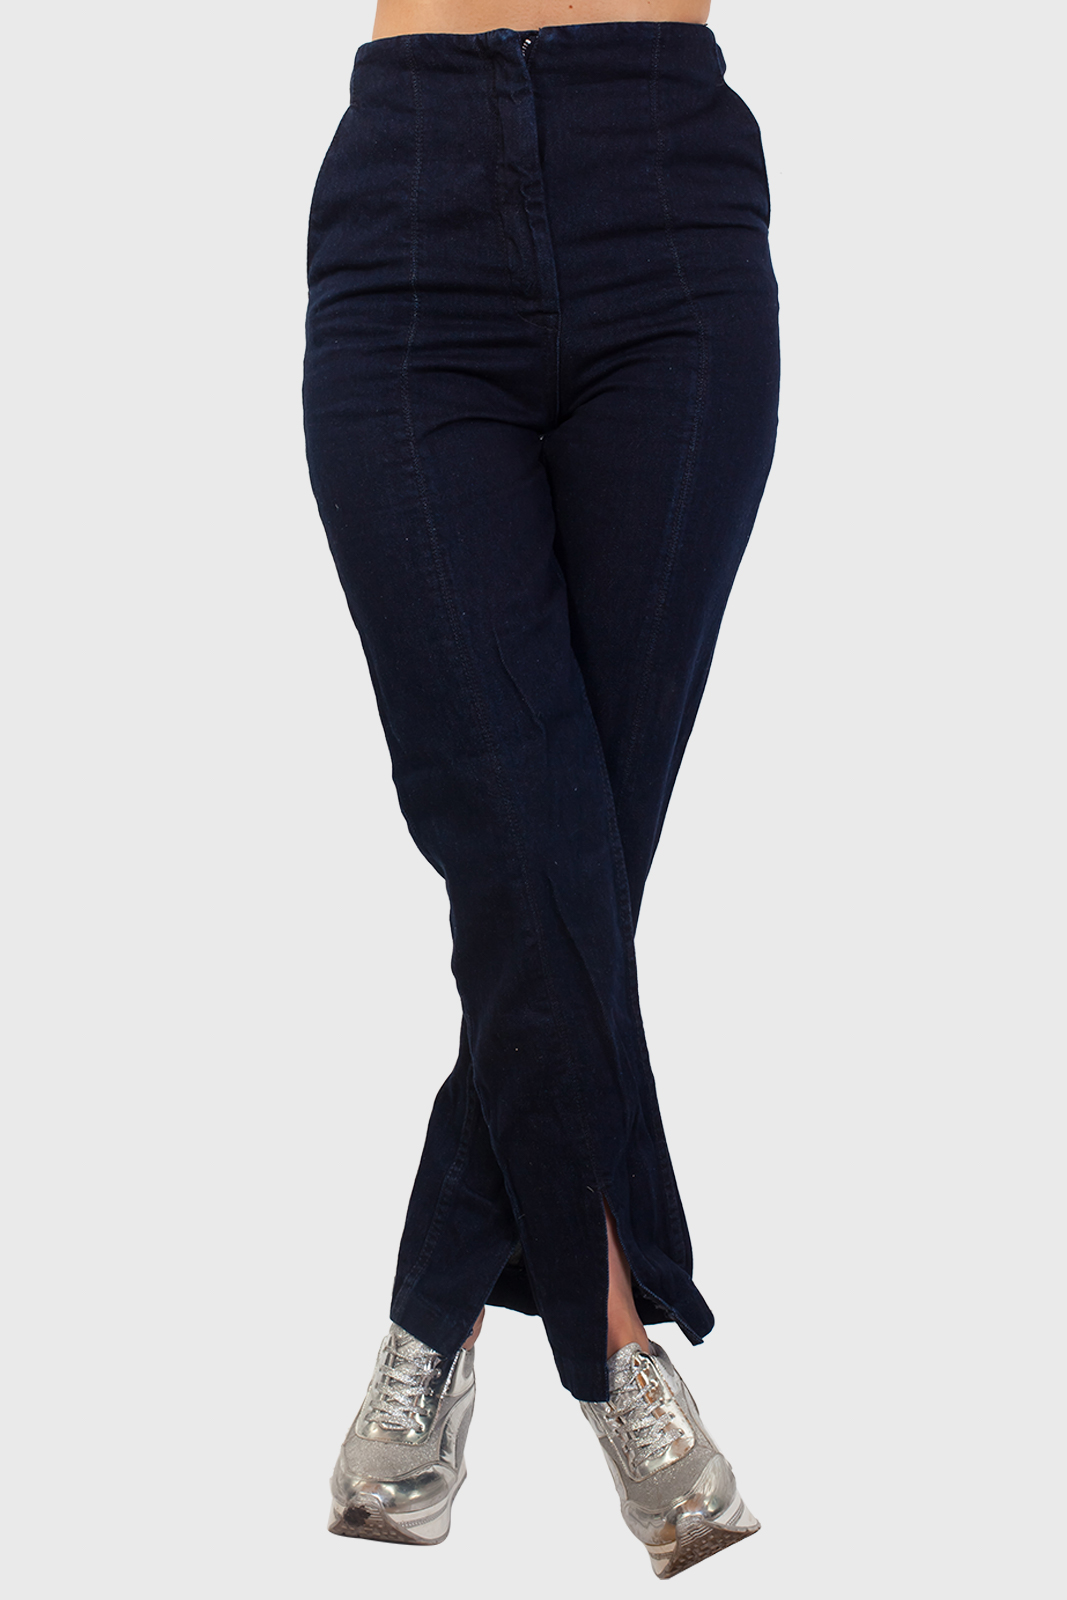 Заказать темно-синие прямые женские джинсы